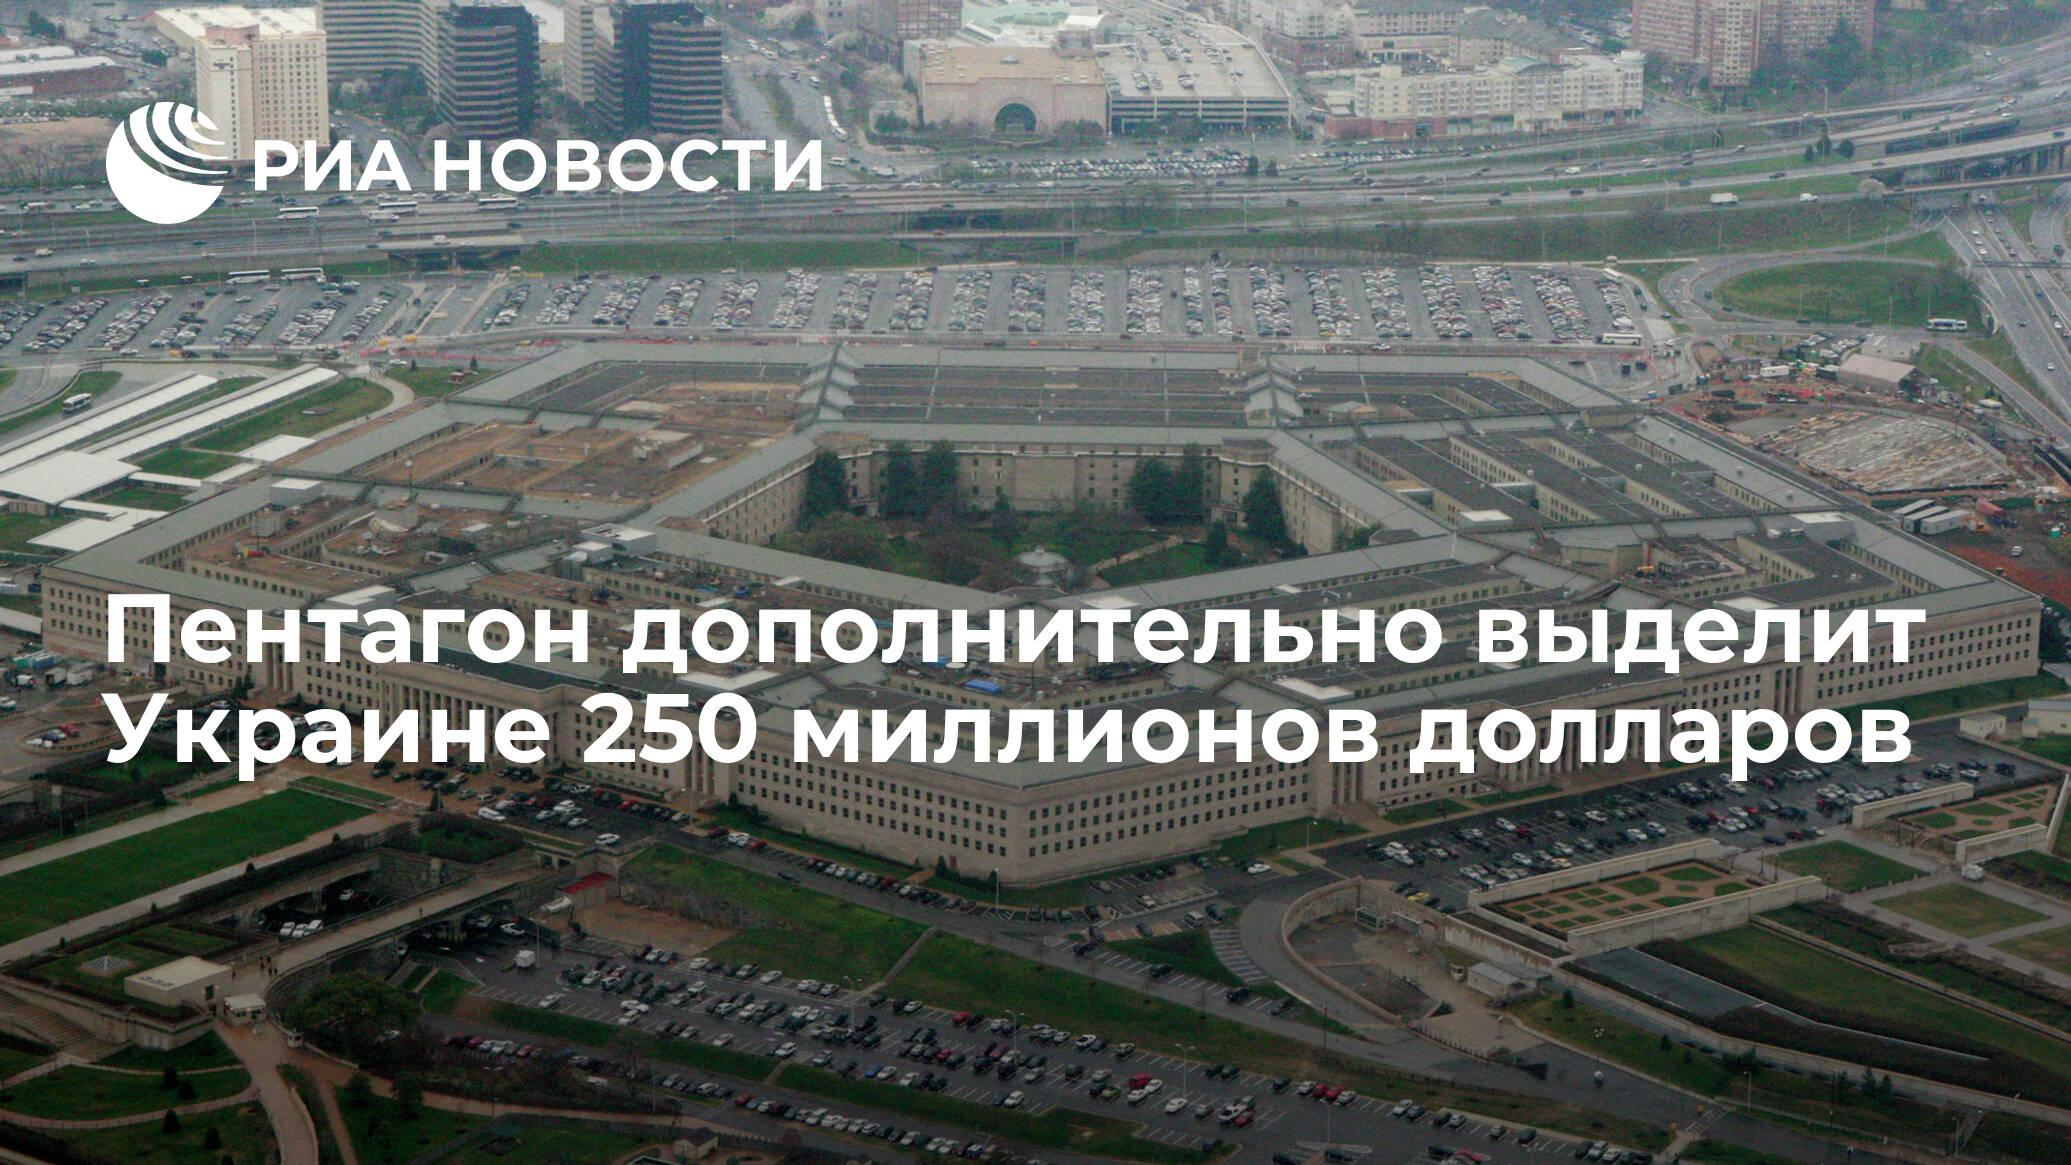 Пентагон дополнительно выделит Украине 250 миллионов долларов